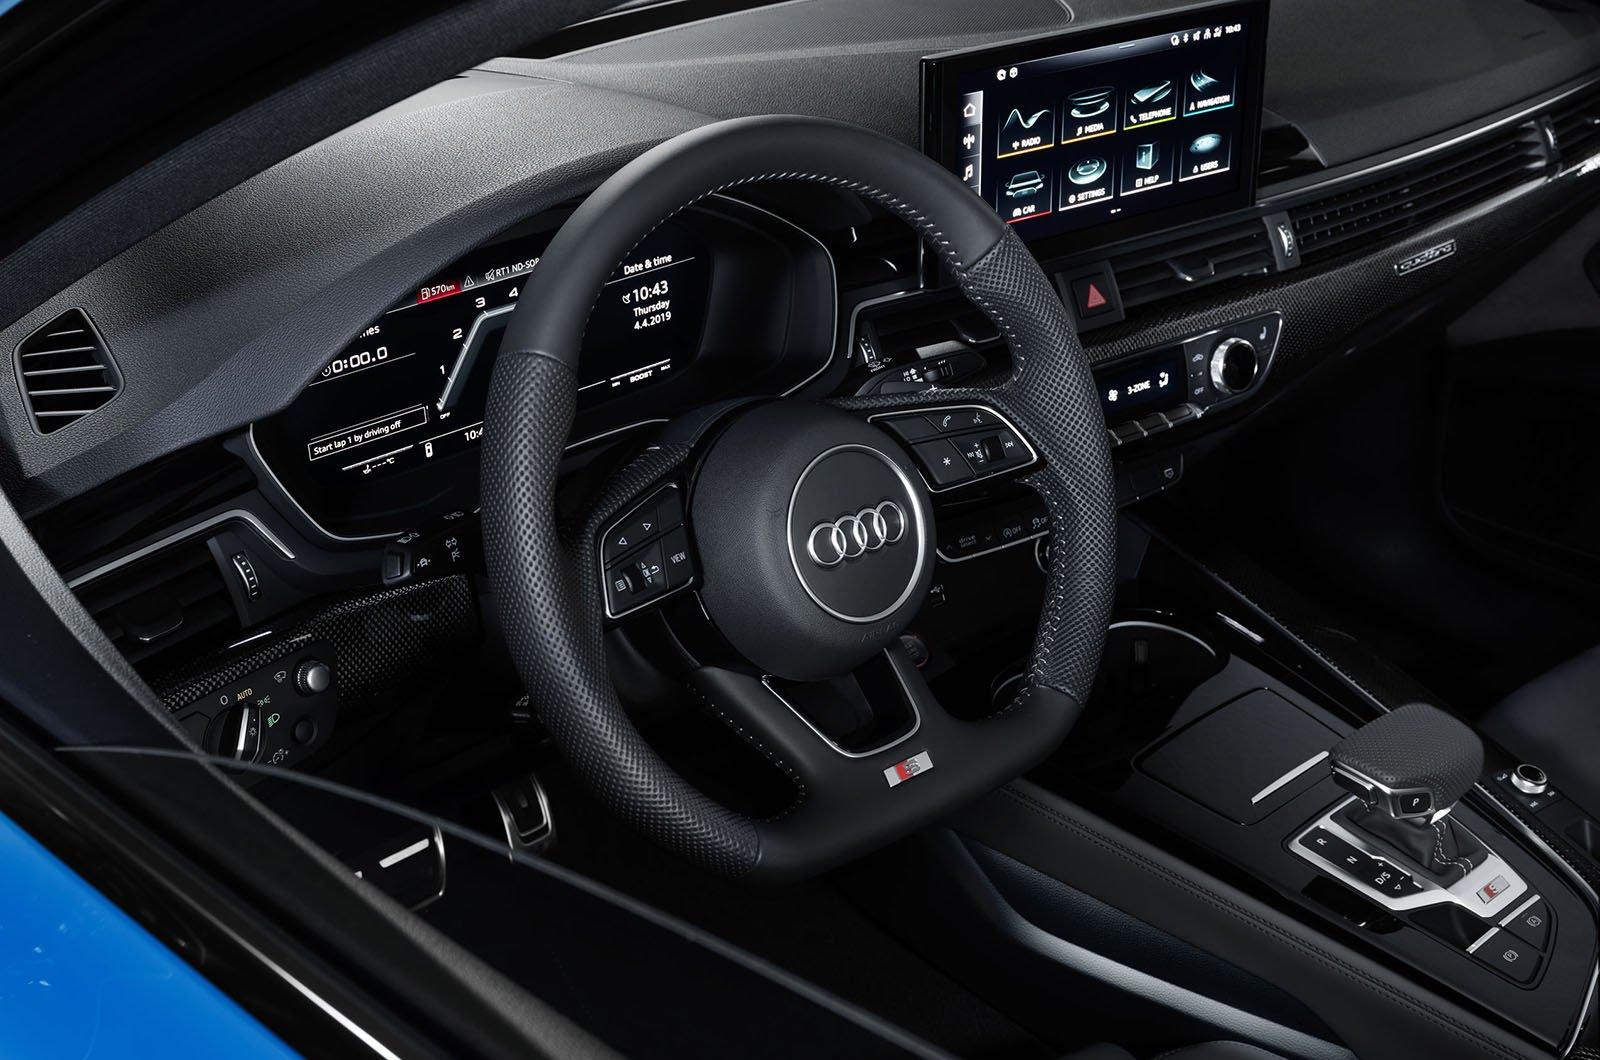 2020 Audi A4 dashboard